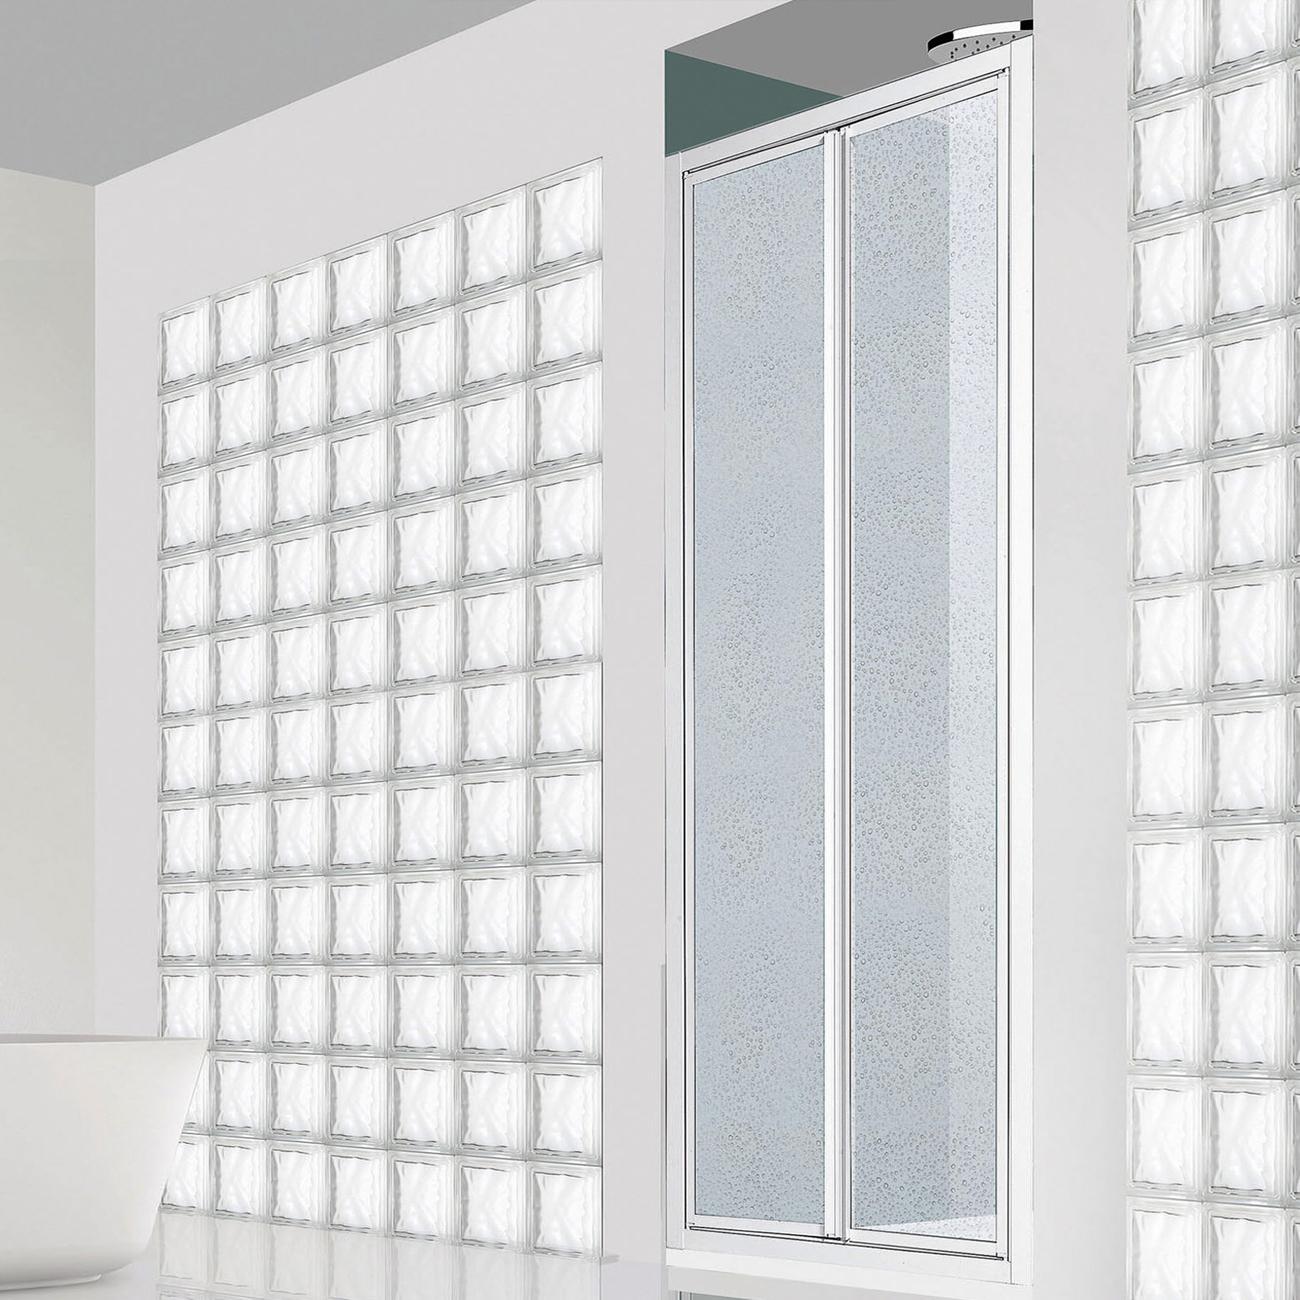 Porta doccia con apertura saloon per nicchia da 90 cm in alluminio e acrilico